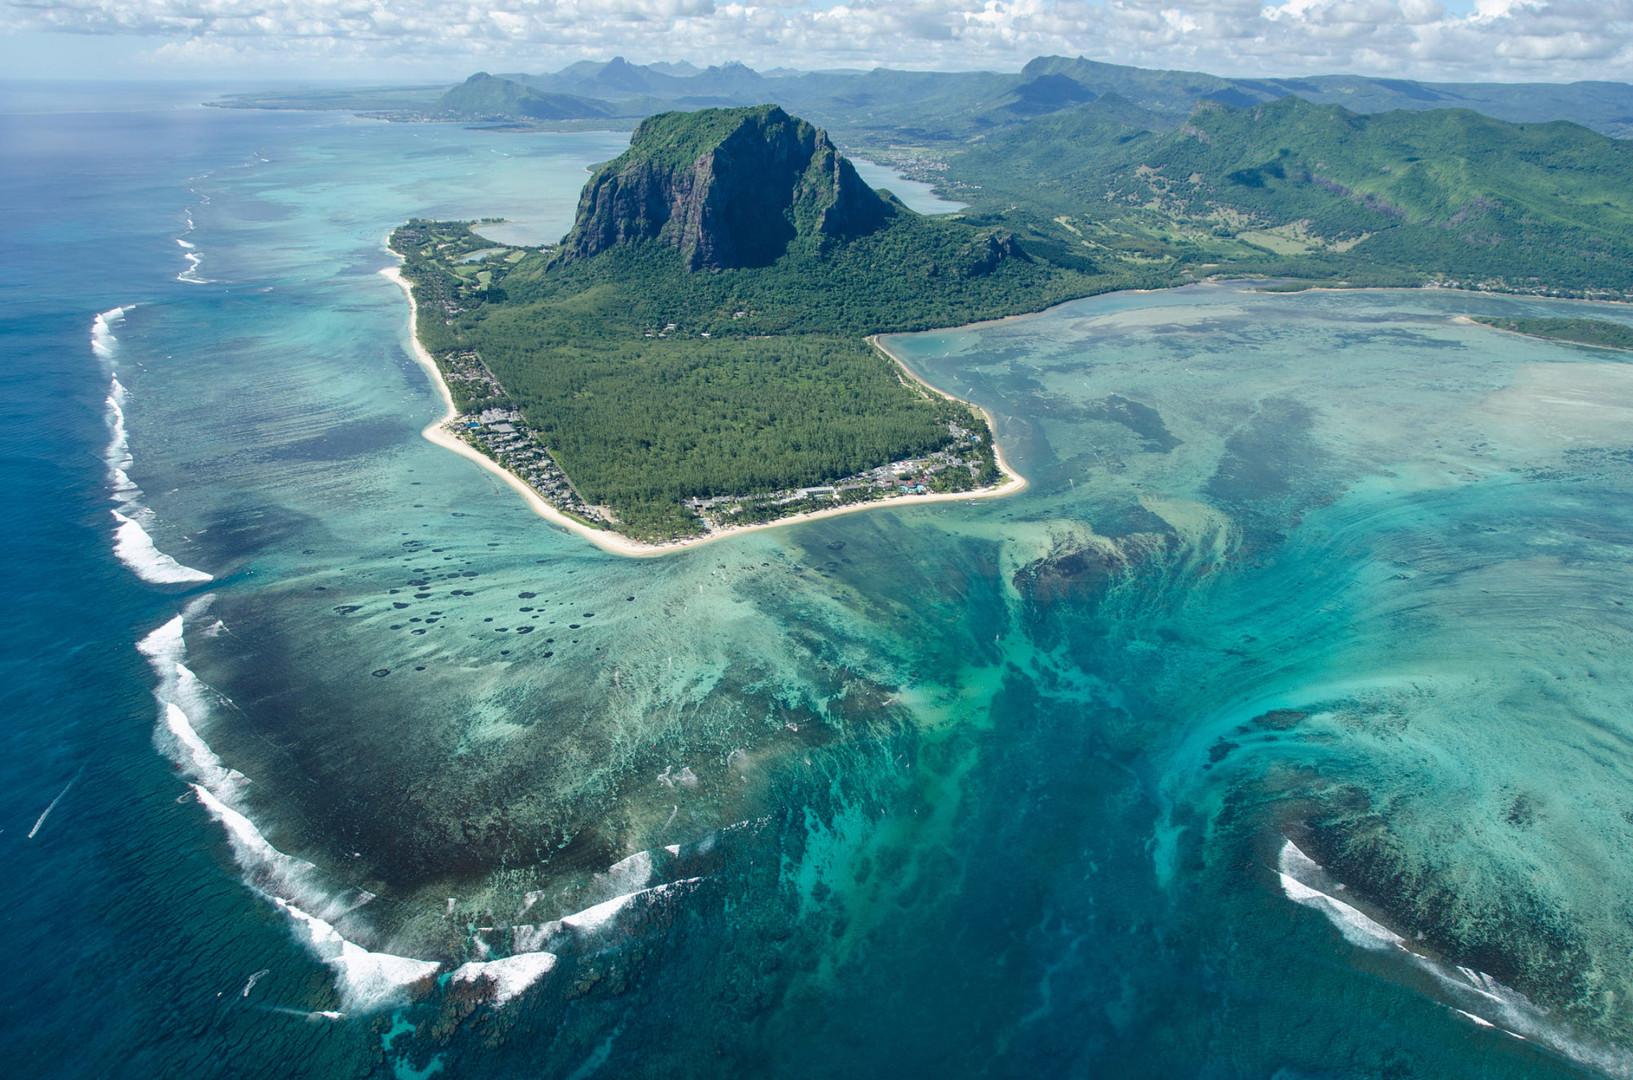 Le Morne, Isla Mauricio